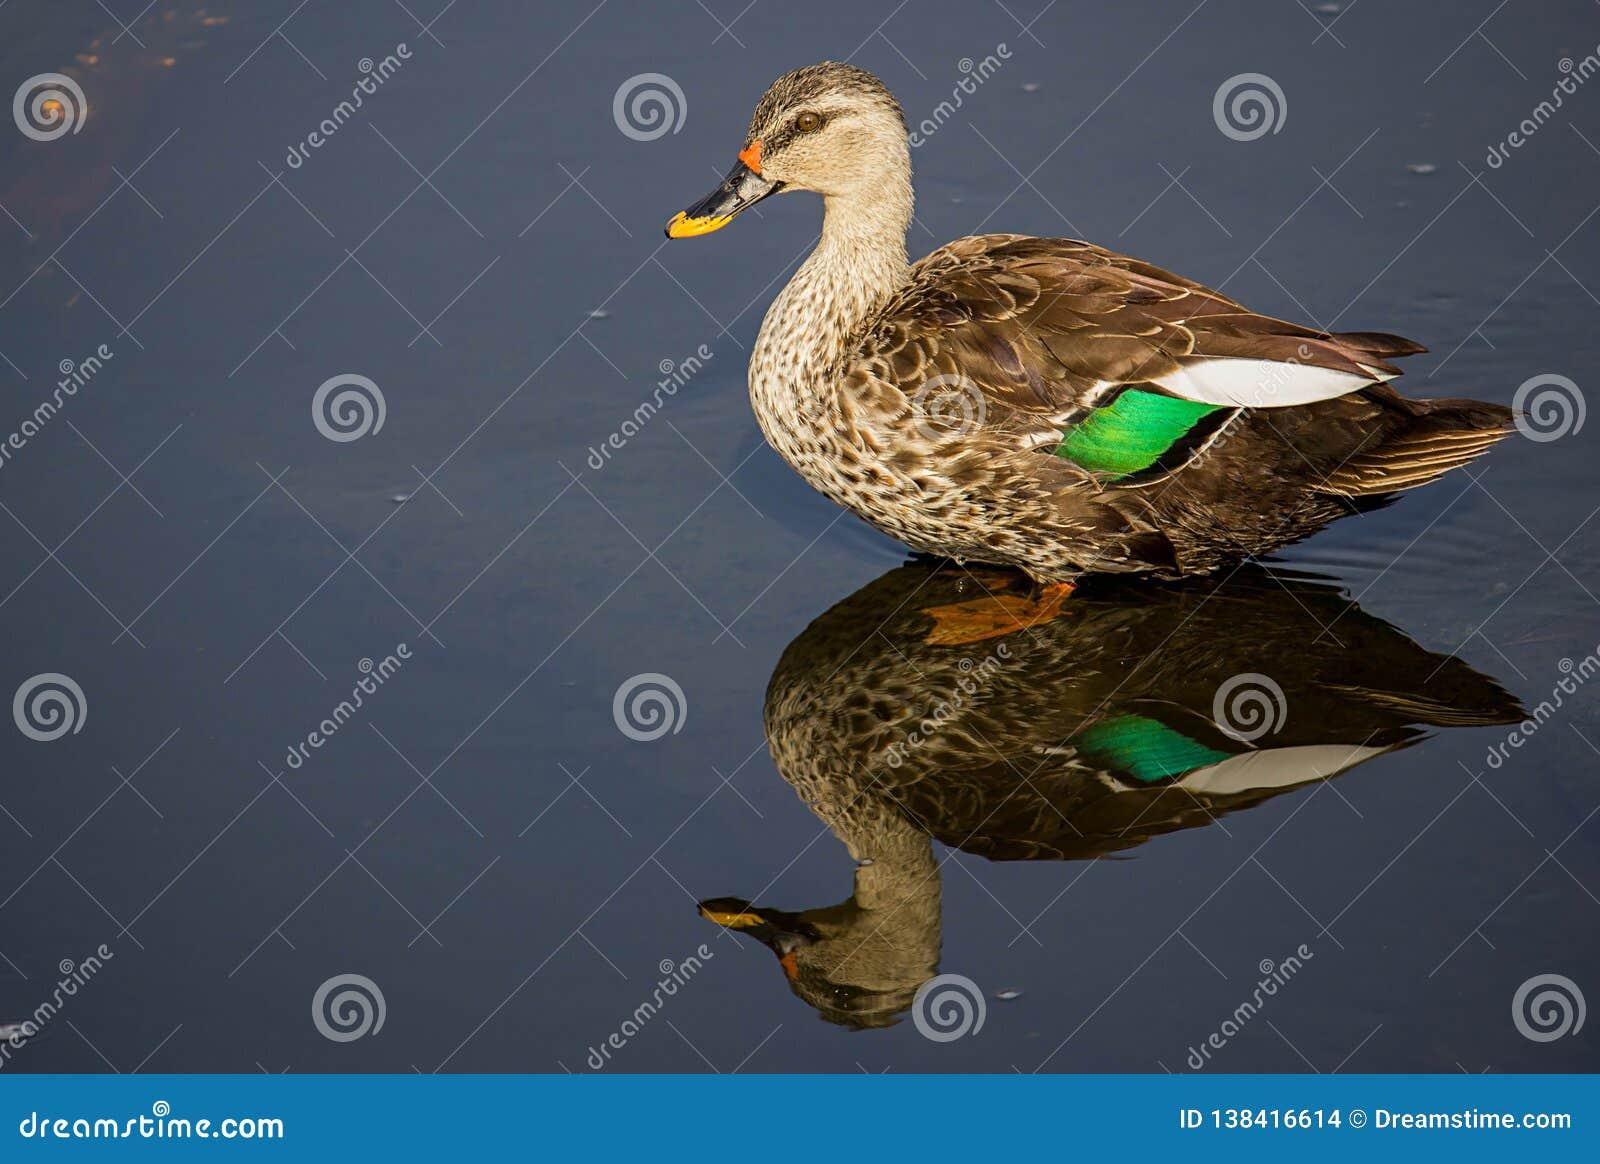 Το σημείο τιμολόγησε την πάπια σε ένα νερό στη λίμνη, όμορφη αντανάκλαση καθρεφτών του πουλιού ξυλοποδάρων